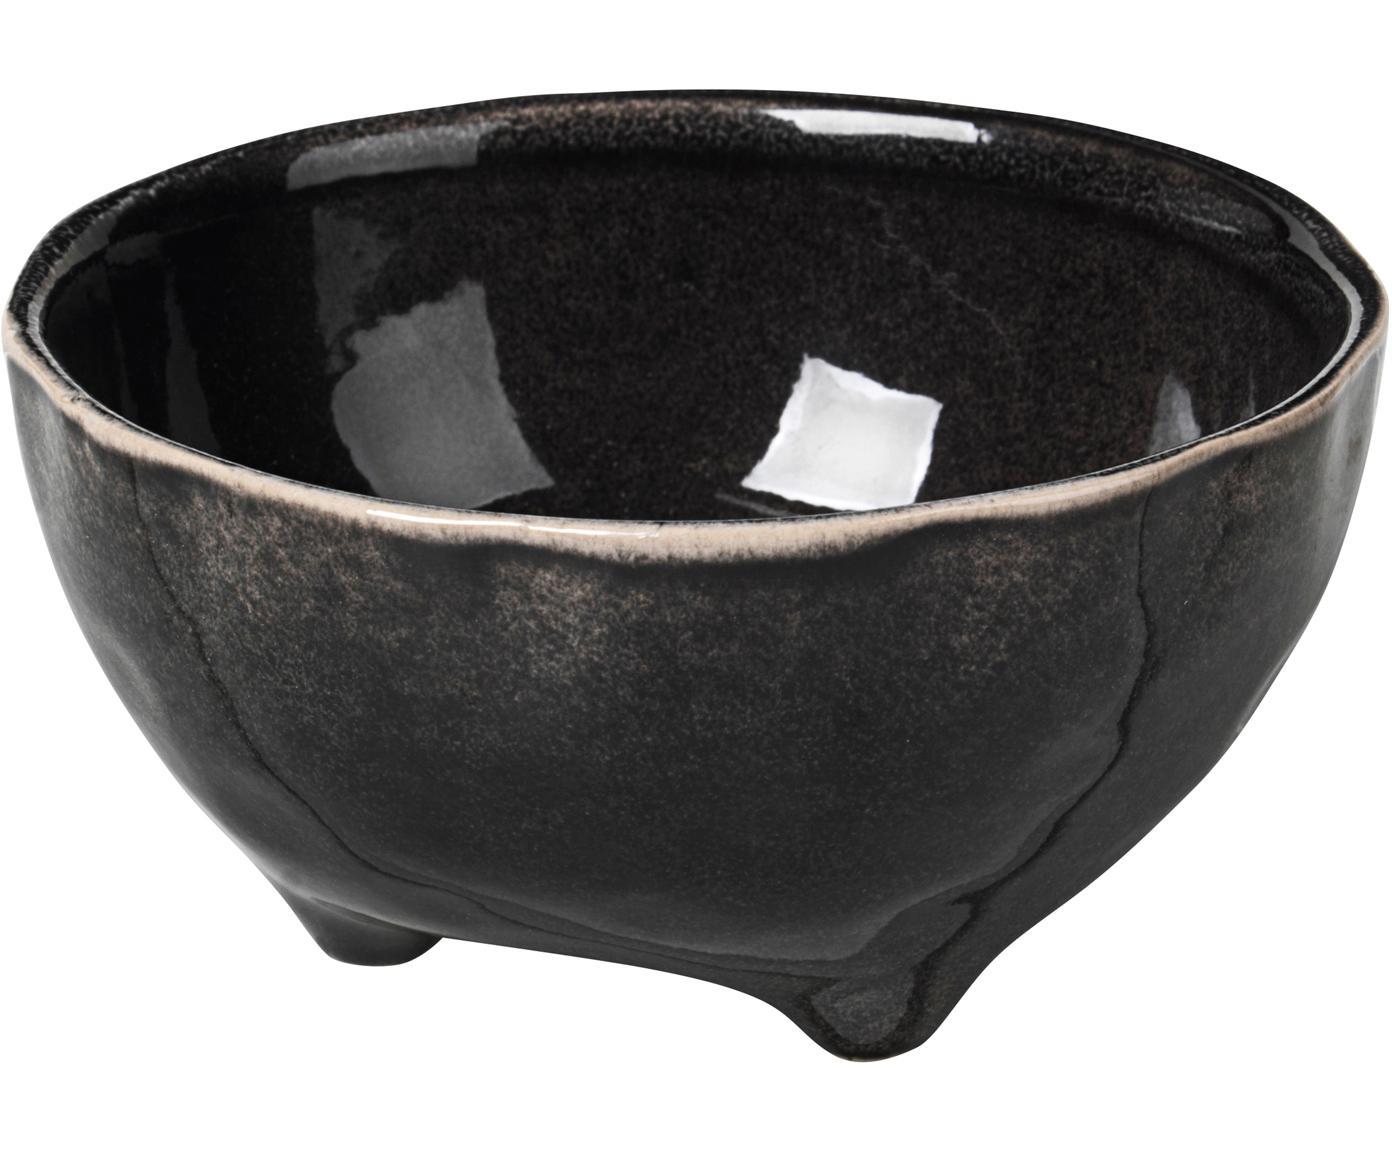 Cuencos artesanales Nordic Coal, 4uds., Gres, Marrón negruzco, Ø 11 cm